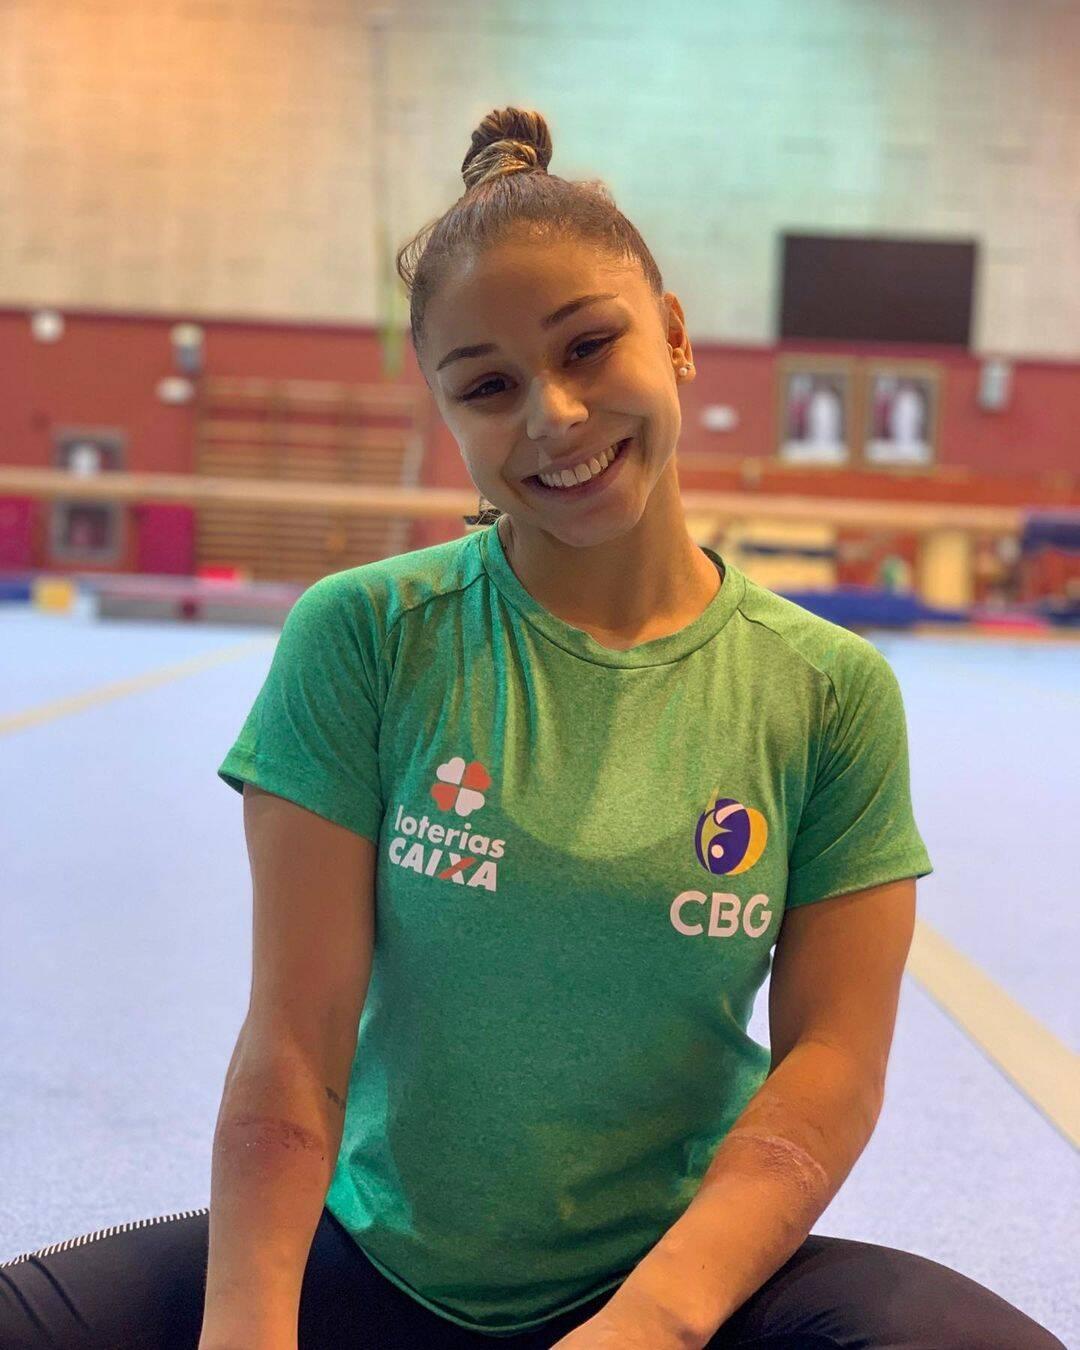 Flávia Saraiva é uma das duas atletas da ginástica artística feminina que defenderá o Brasil nos Jogos Olímpicos. (Foto: Instagram)